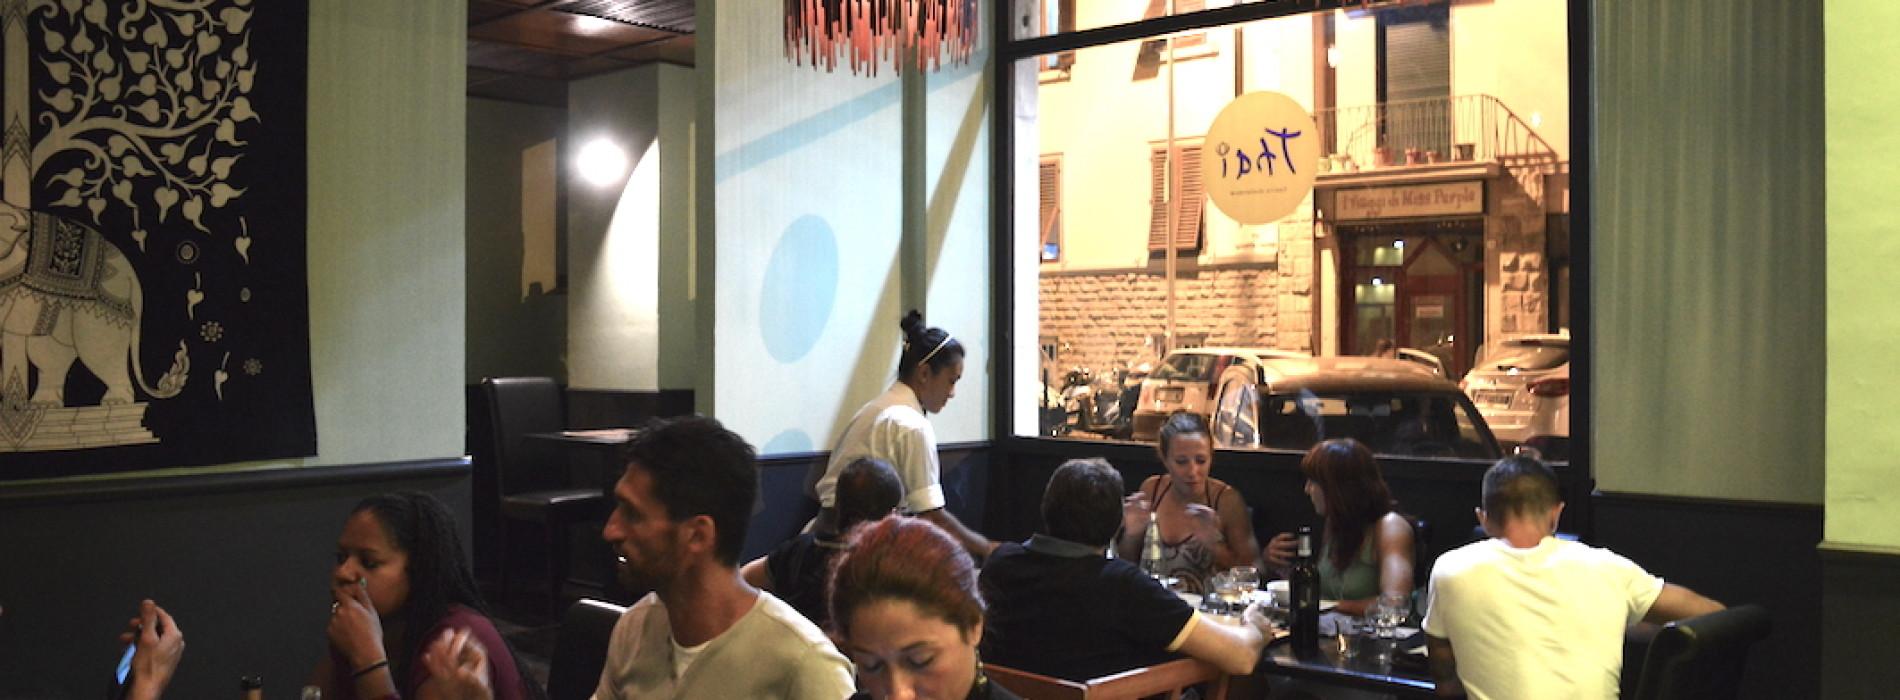 Thai Firenze ristorante etnico a Statuto  Puntarella Rossa